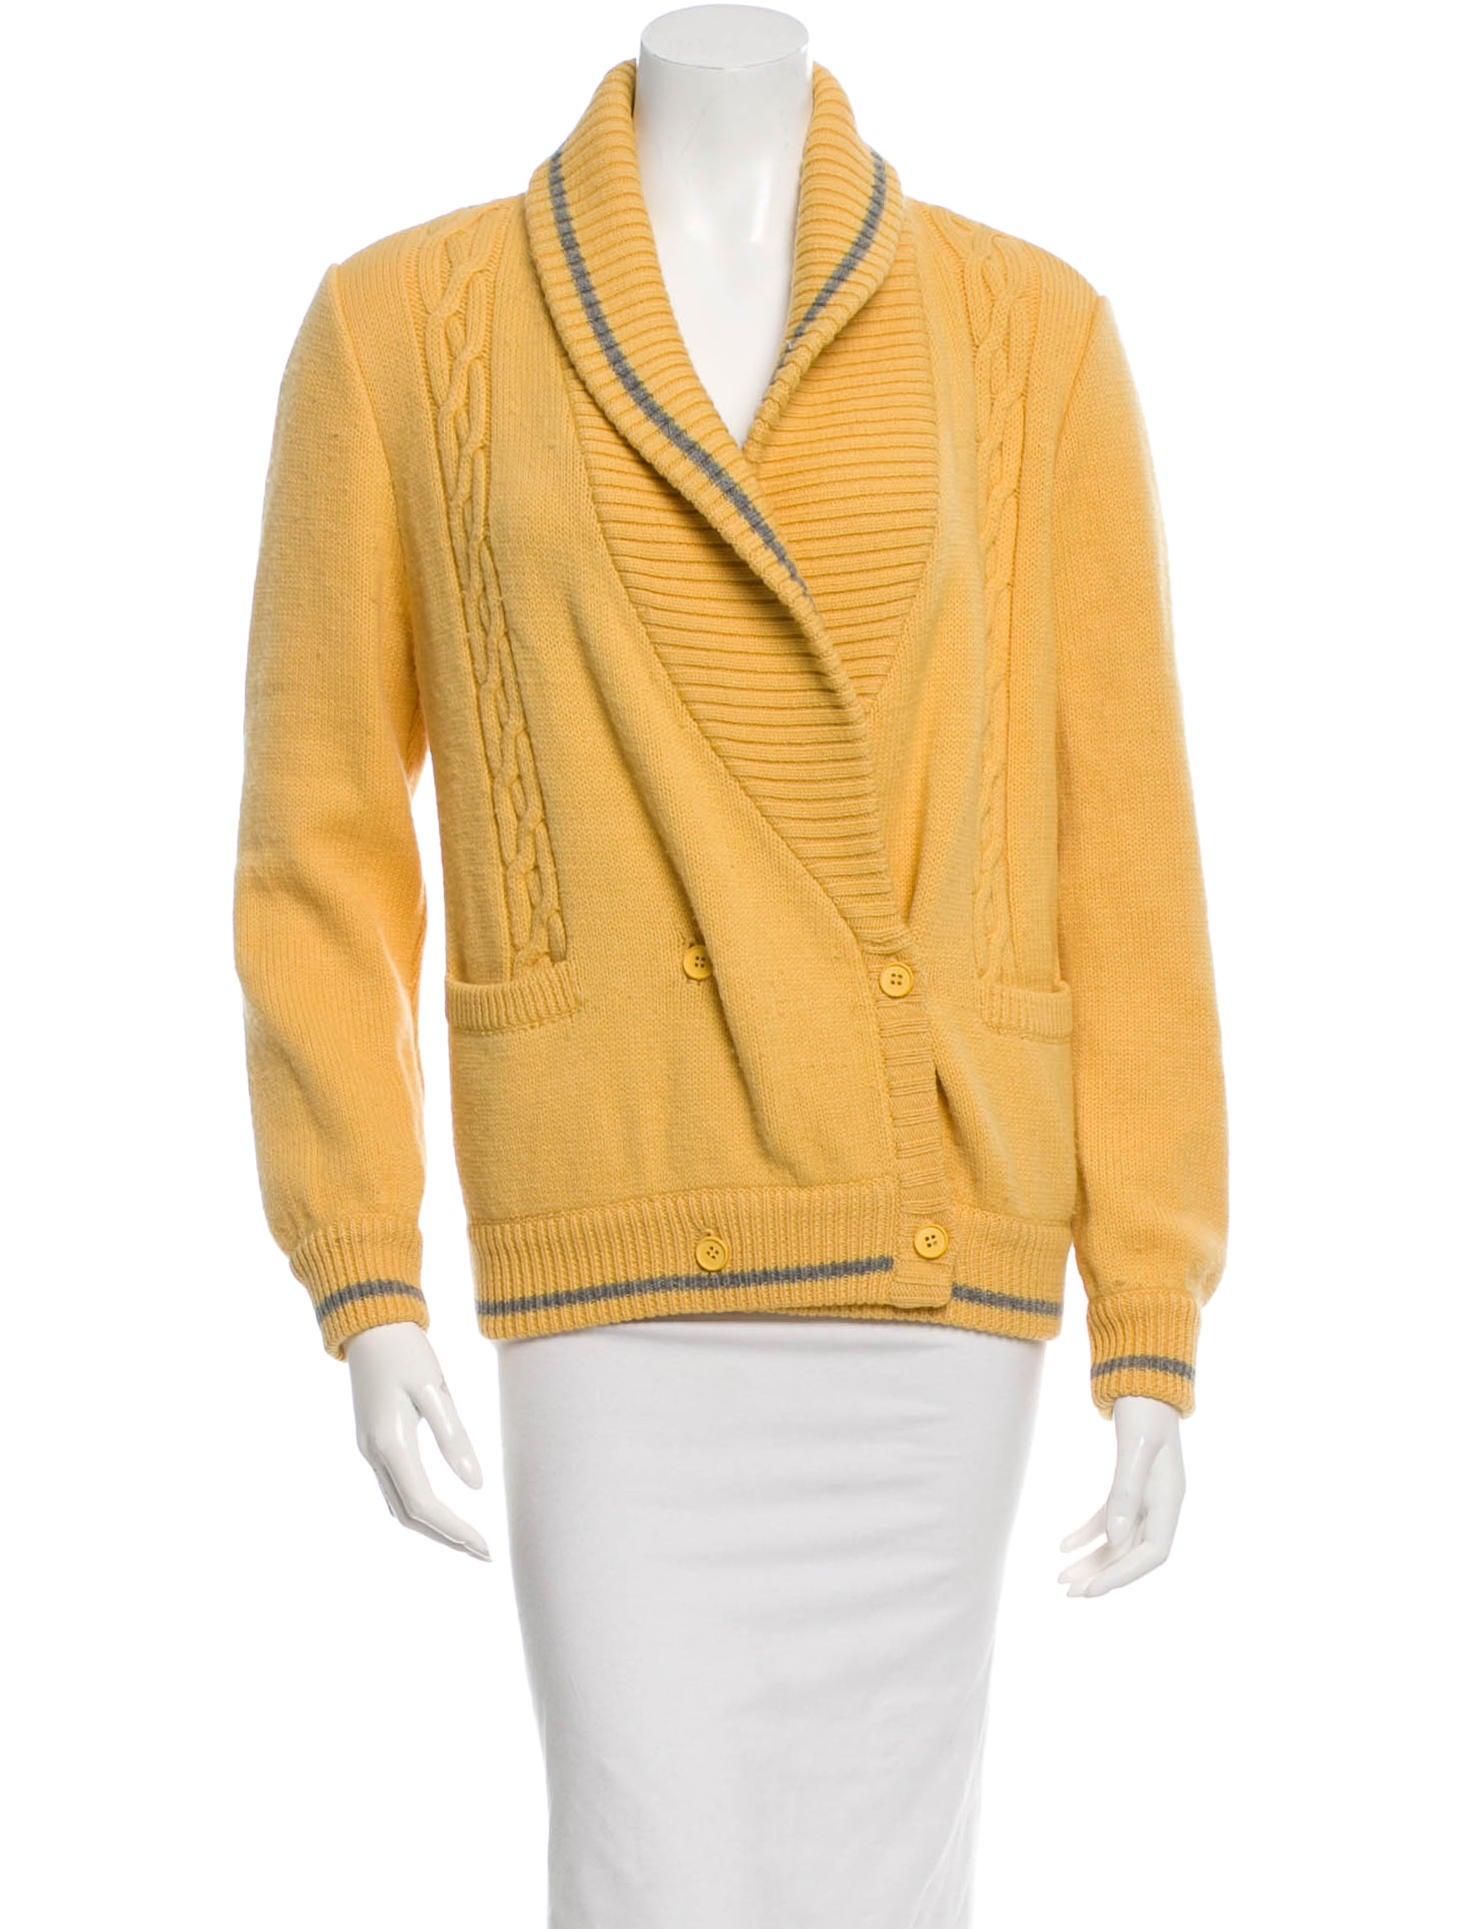 Knitting Cardigan Collar : Valentino cable knit shawl collar cardigan clothing